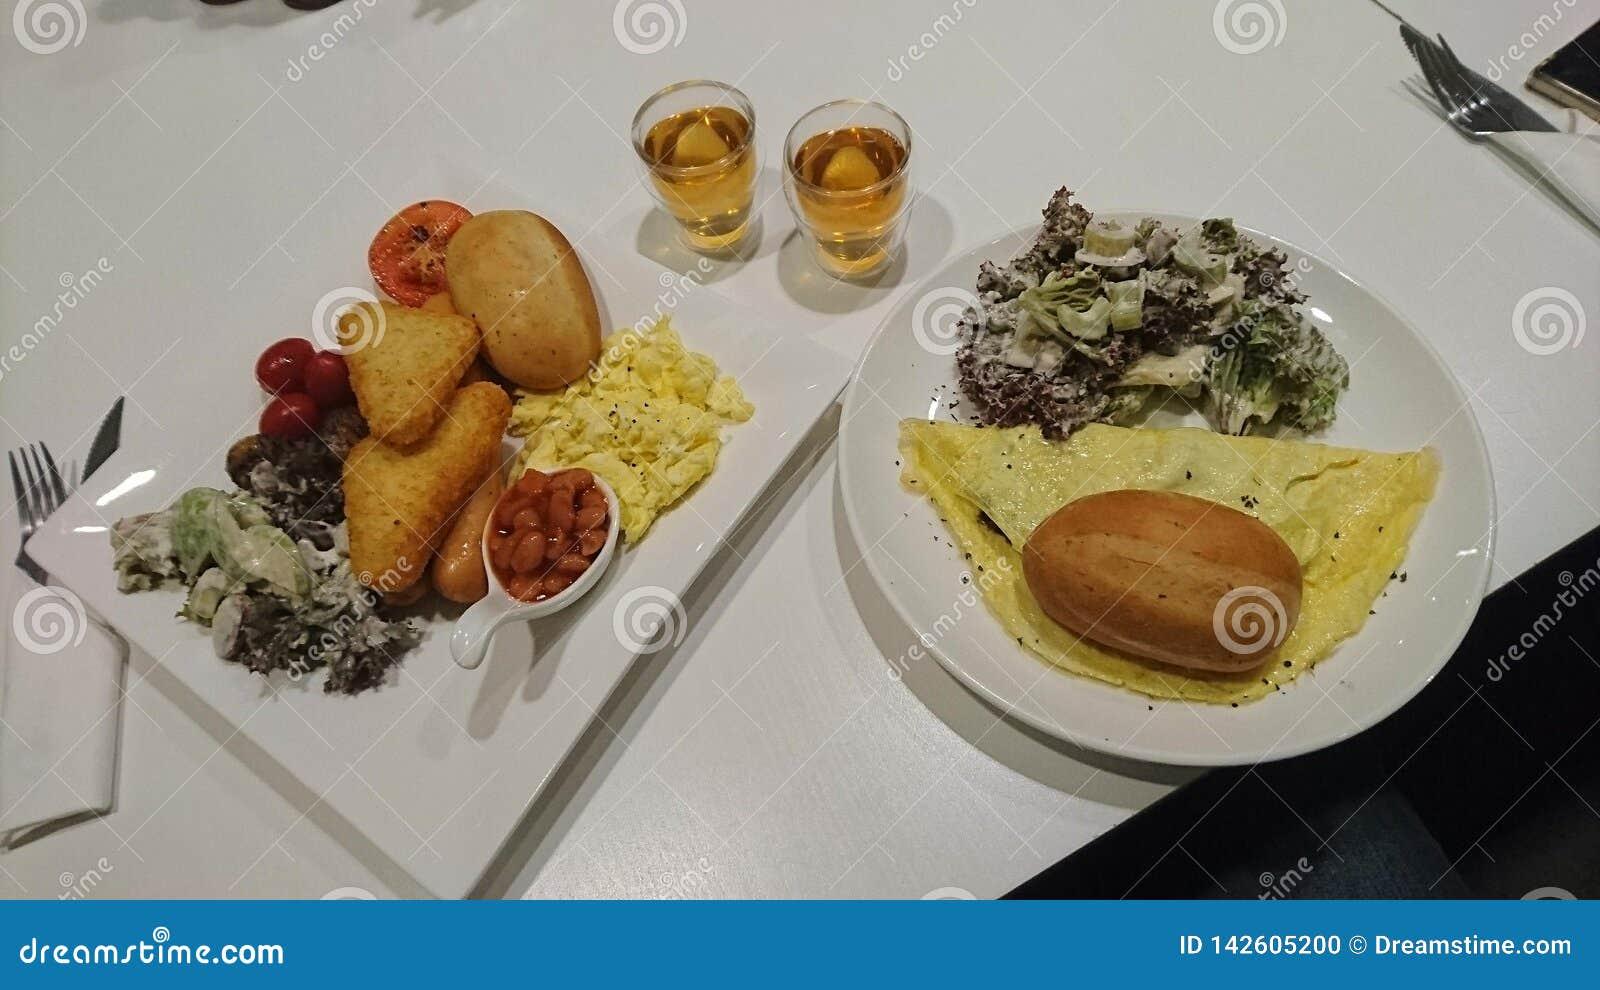 2 tipos de desayunos pesados